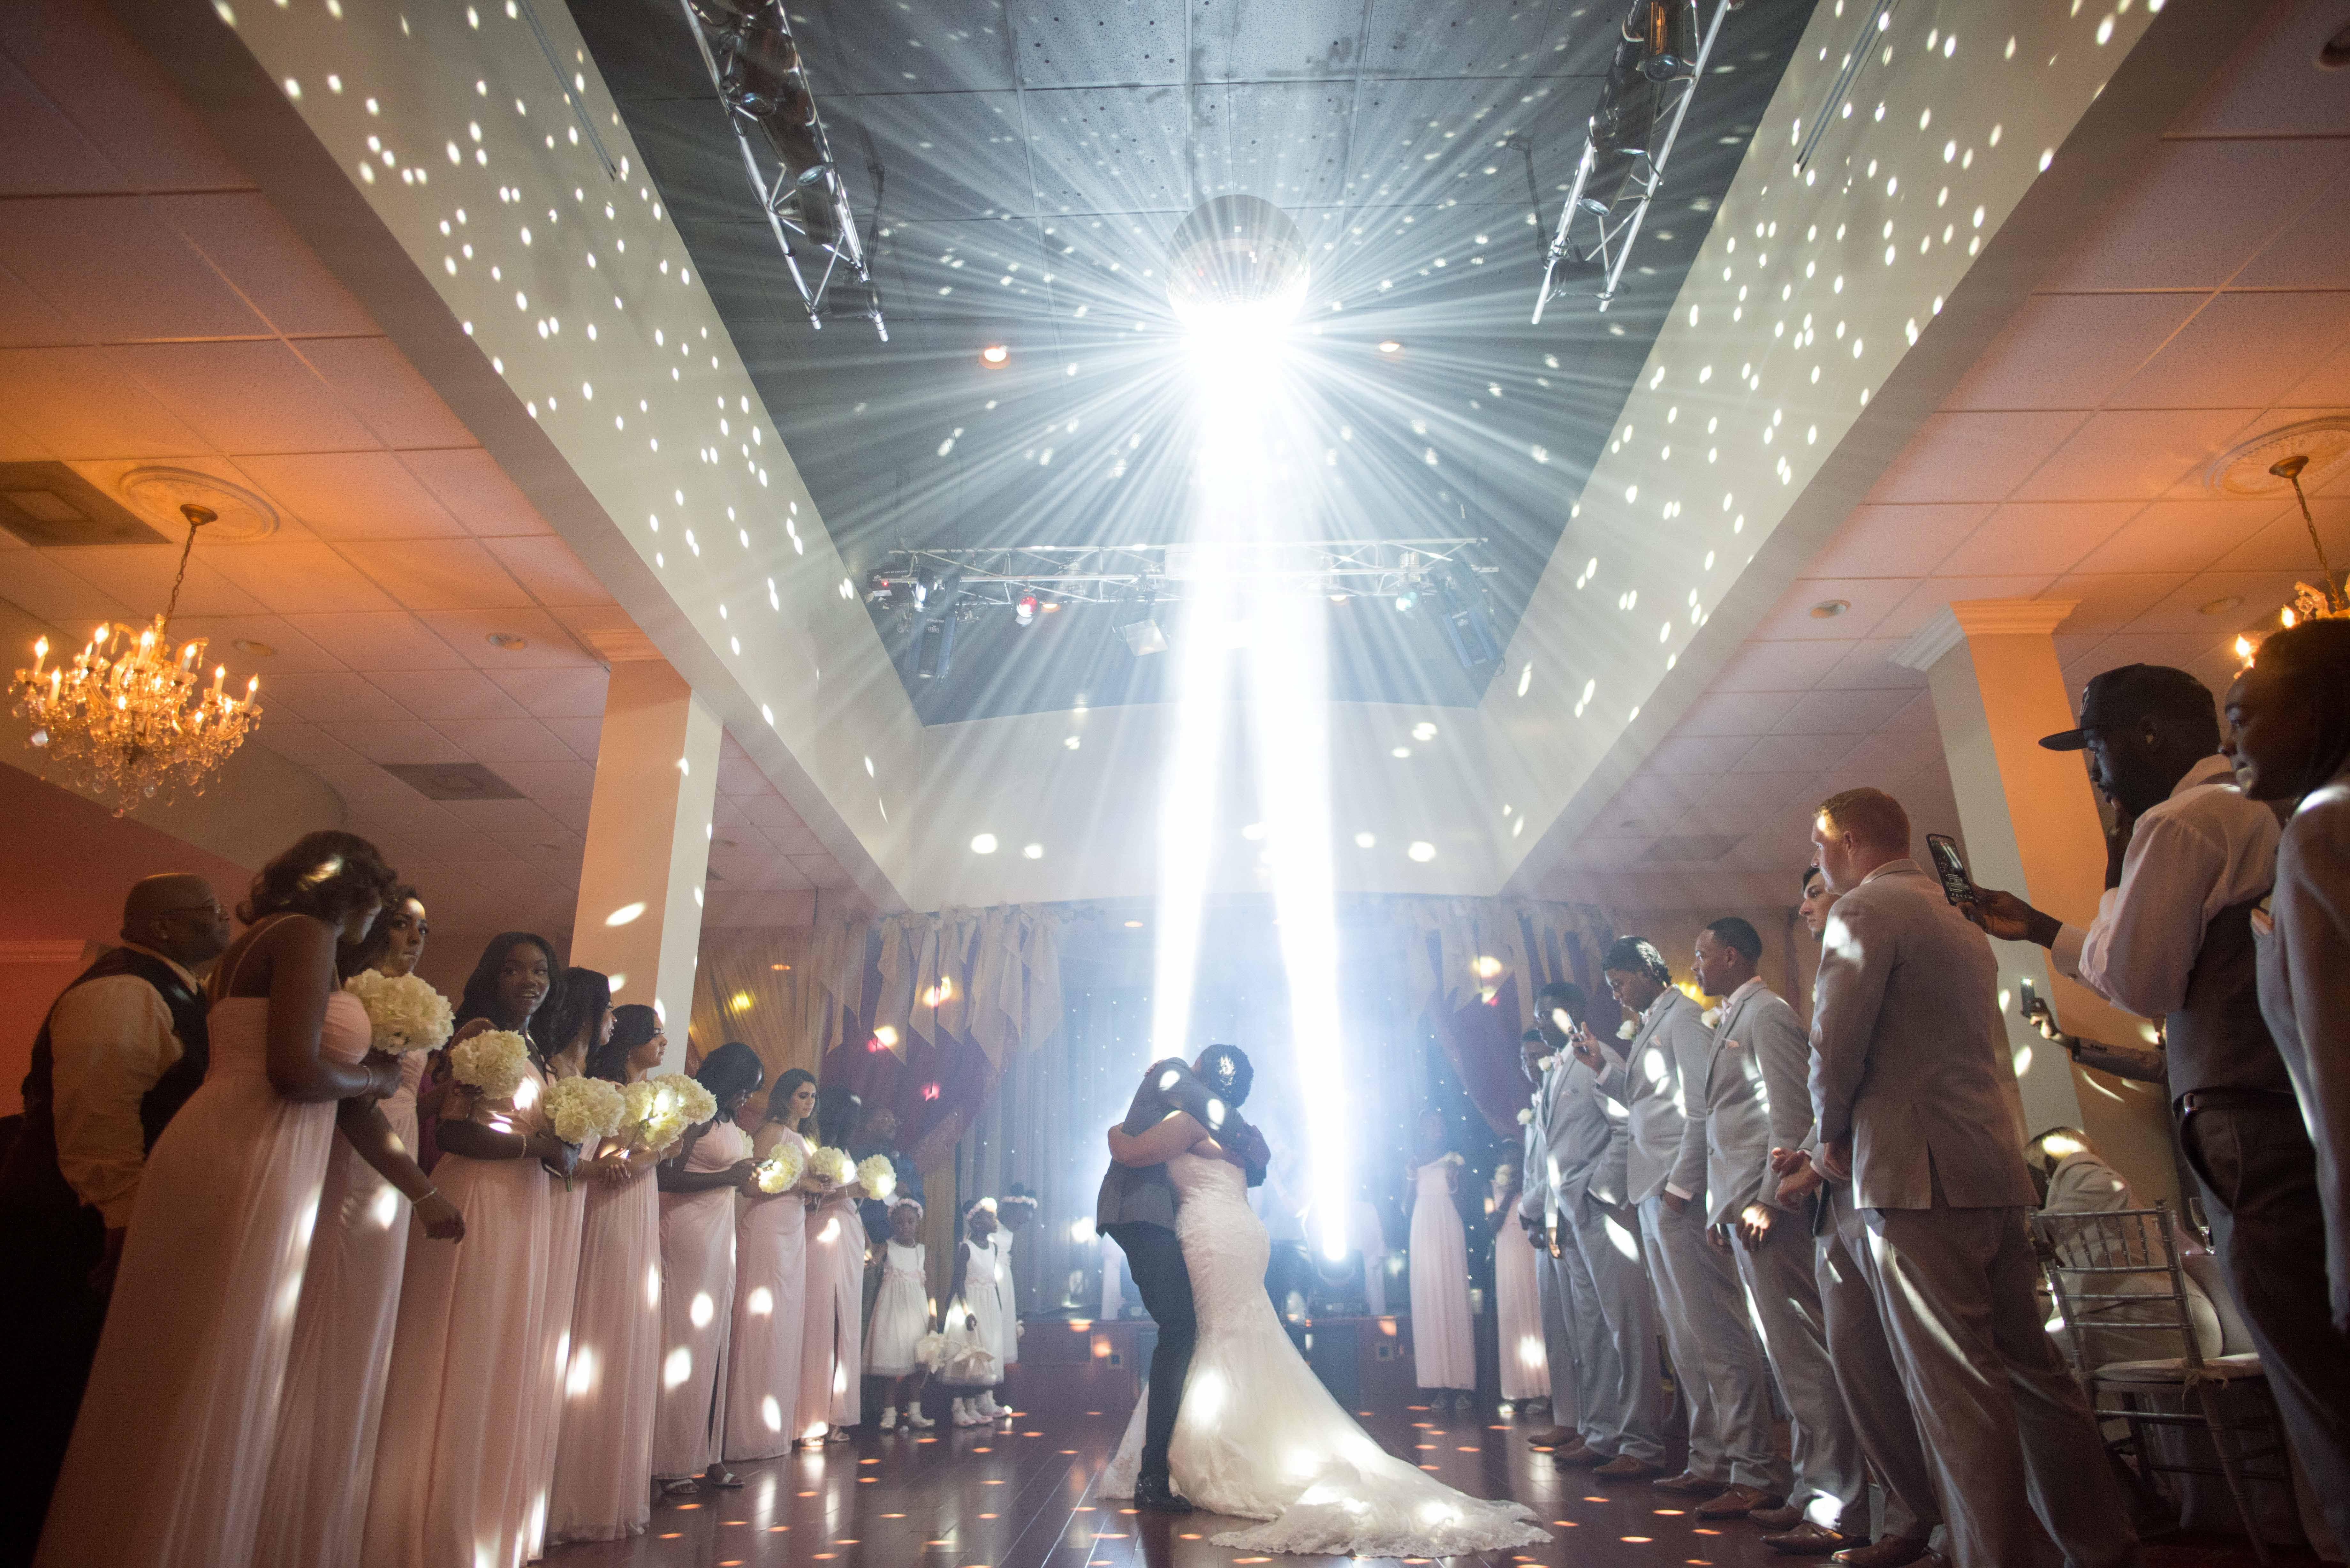 http://www.chineysphoto.com/weddings/mrandmrsleighton/